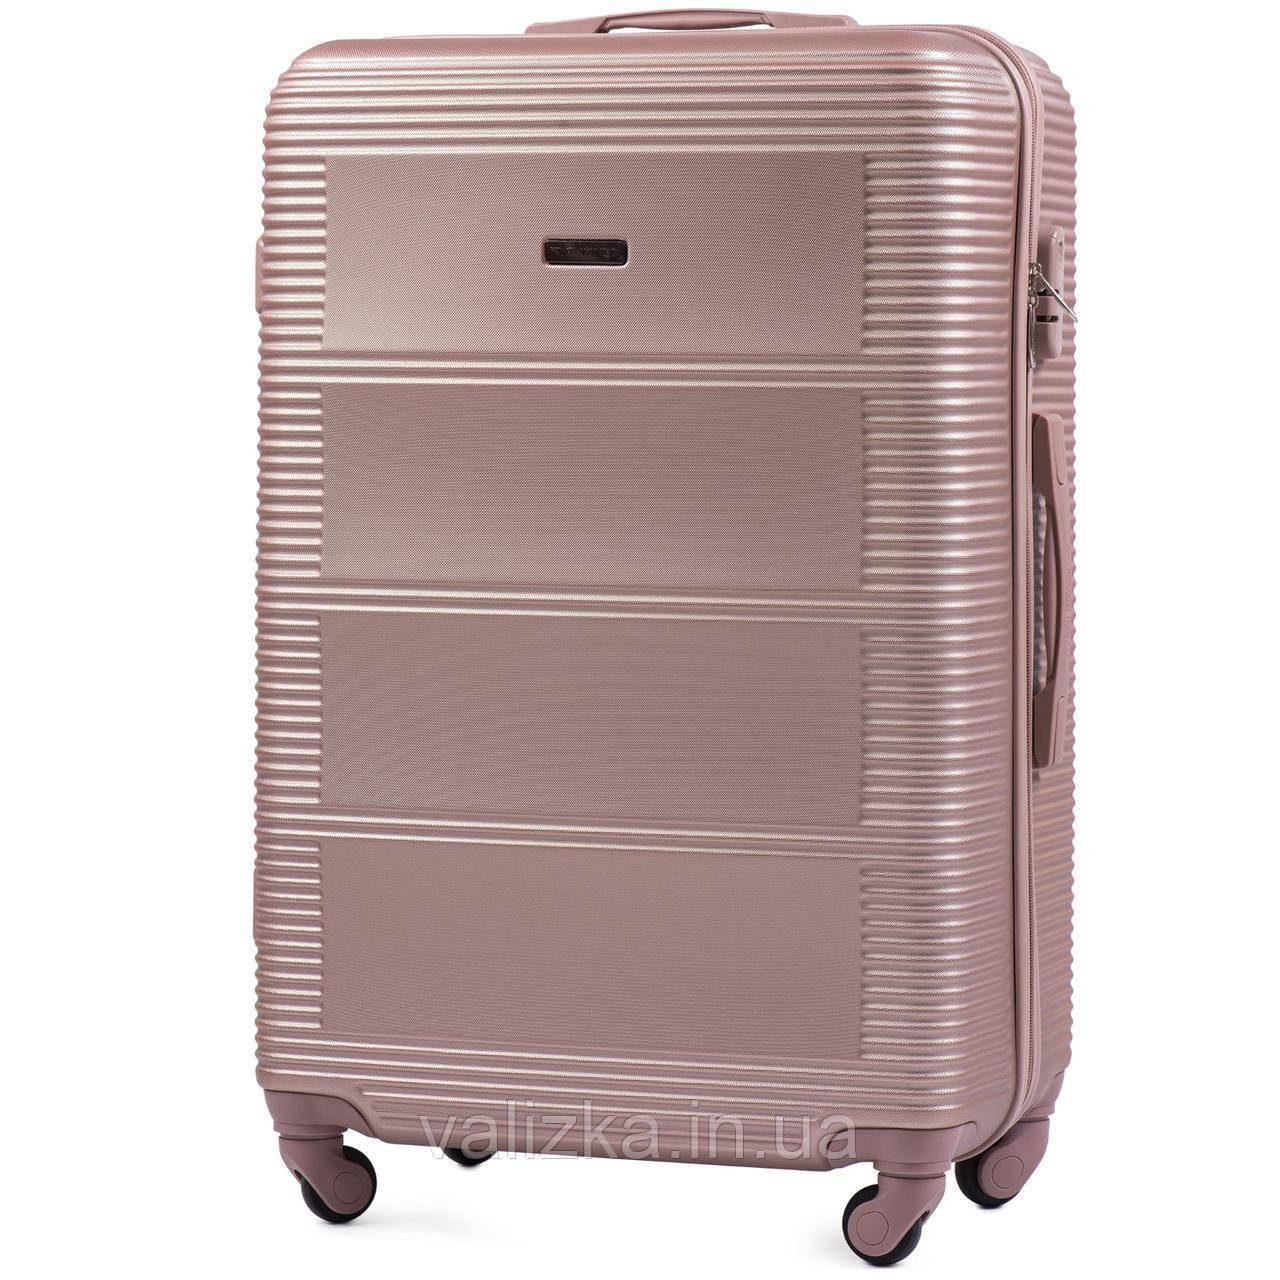 Великий чемодан з полікарбонату Wings 203 на 4-х колесах рожеве золото